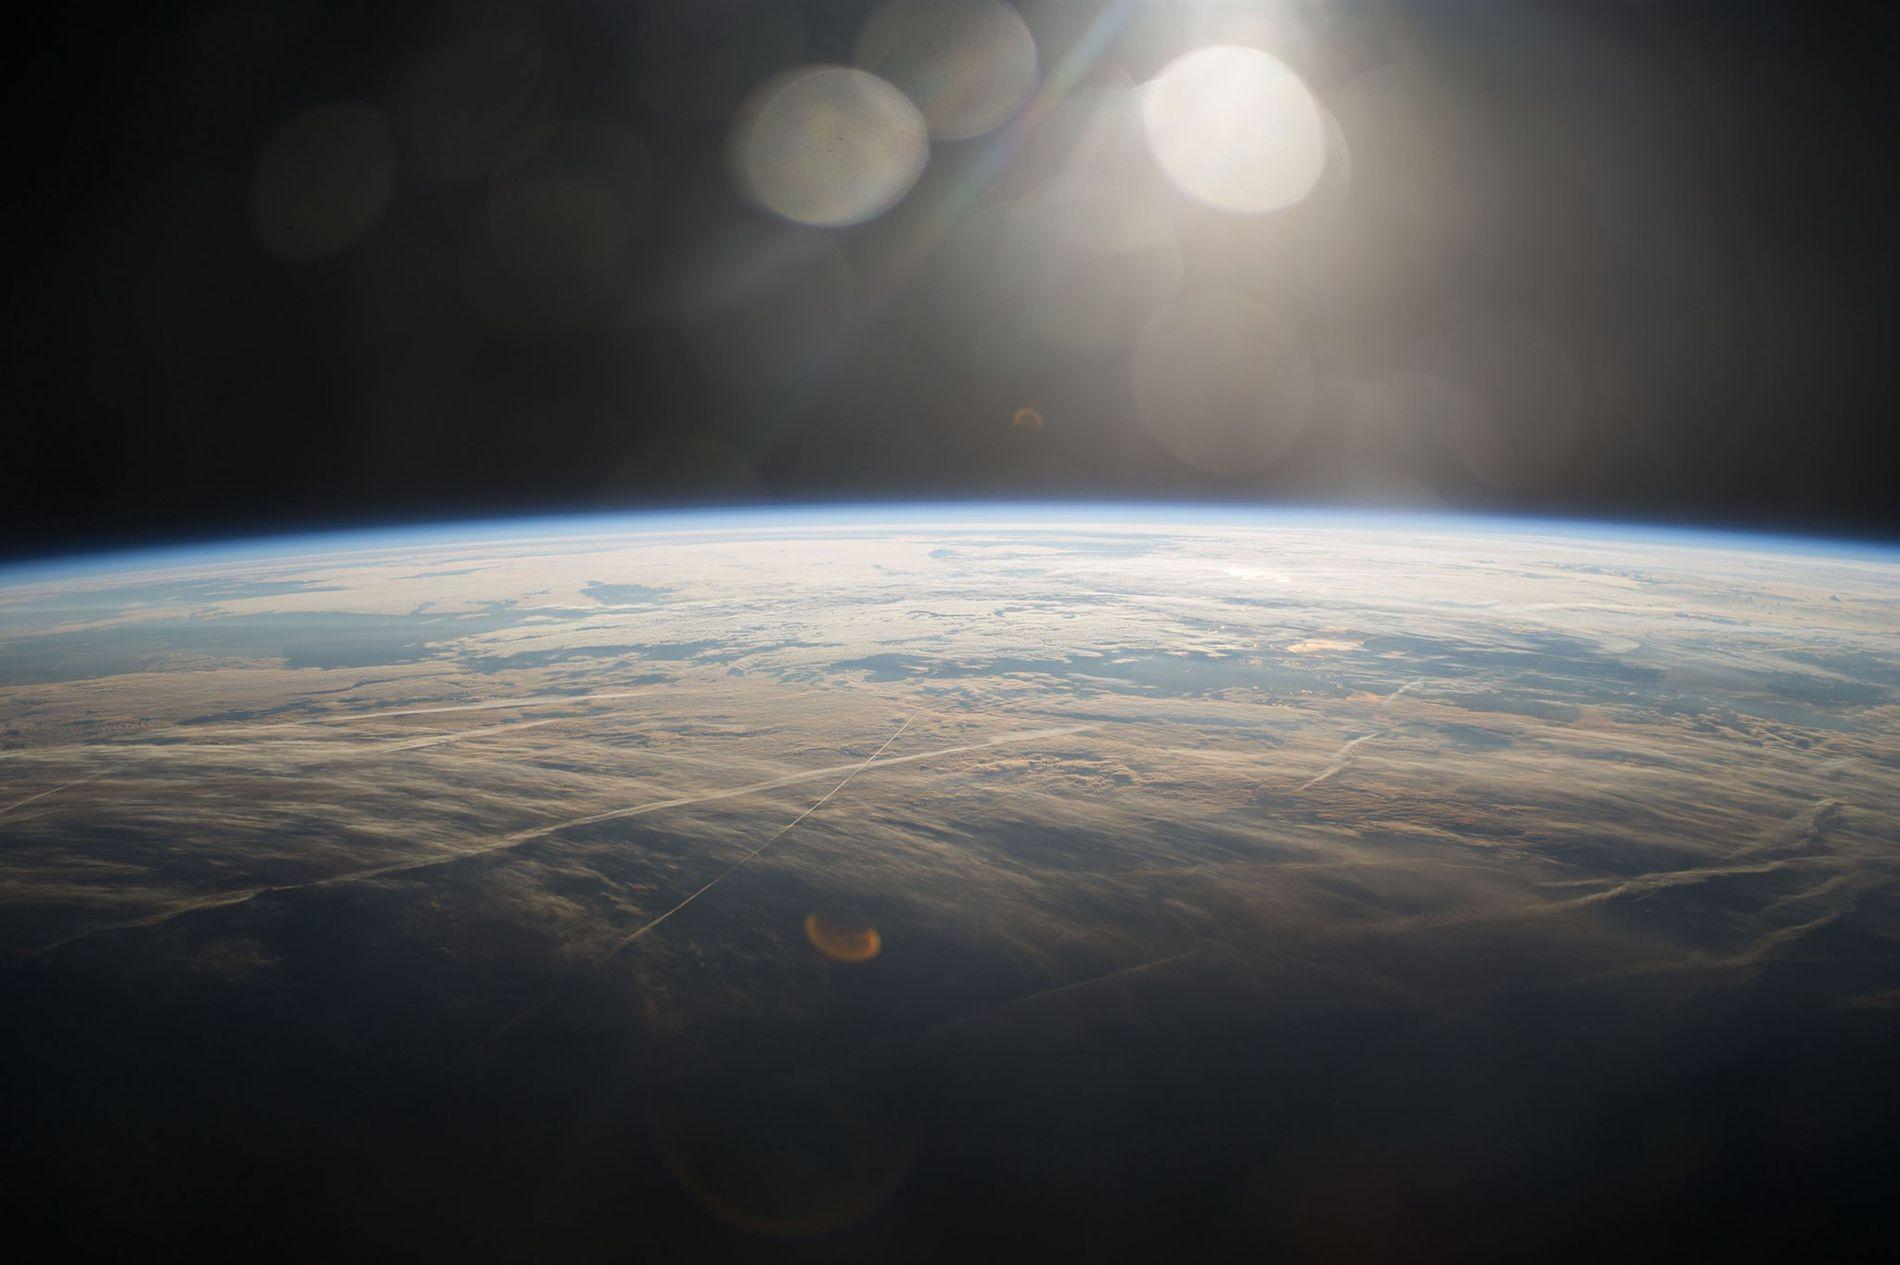 Un amanecer sobre el planeta azul tomada desde la Estación Espacial Internacional.